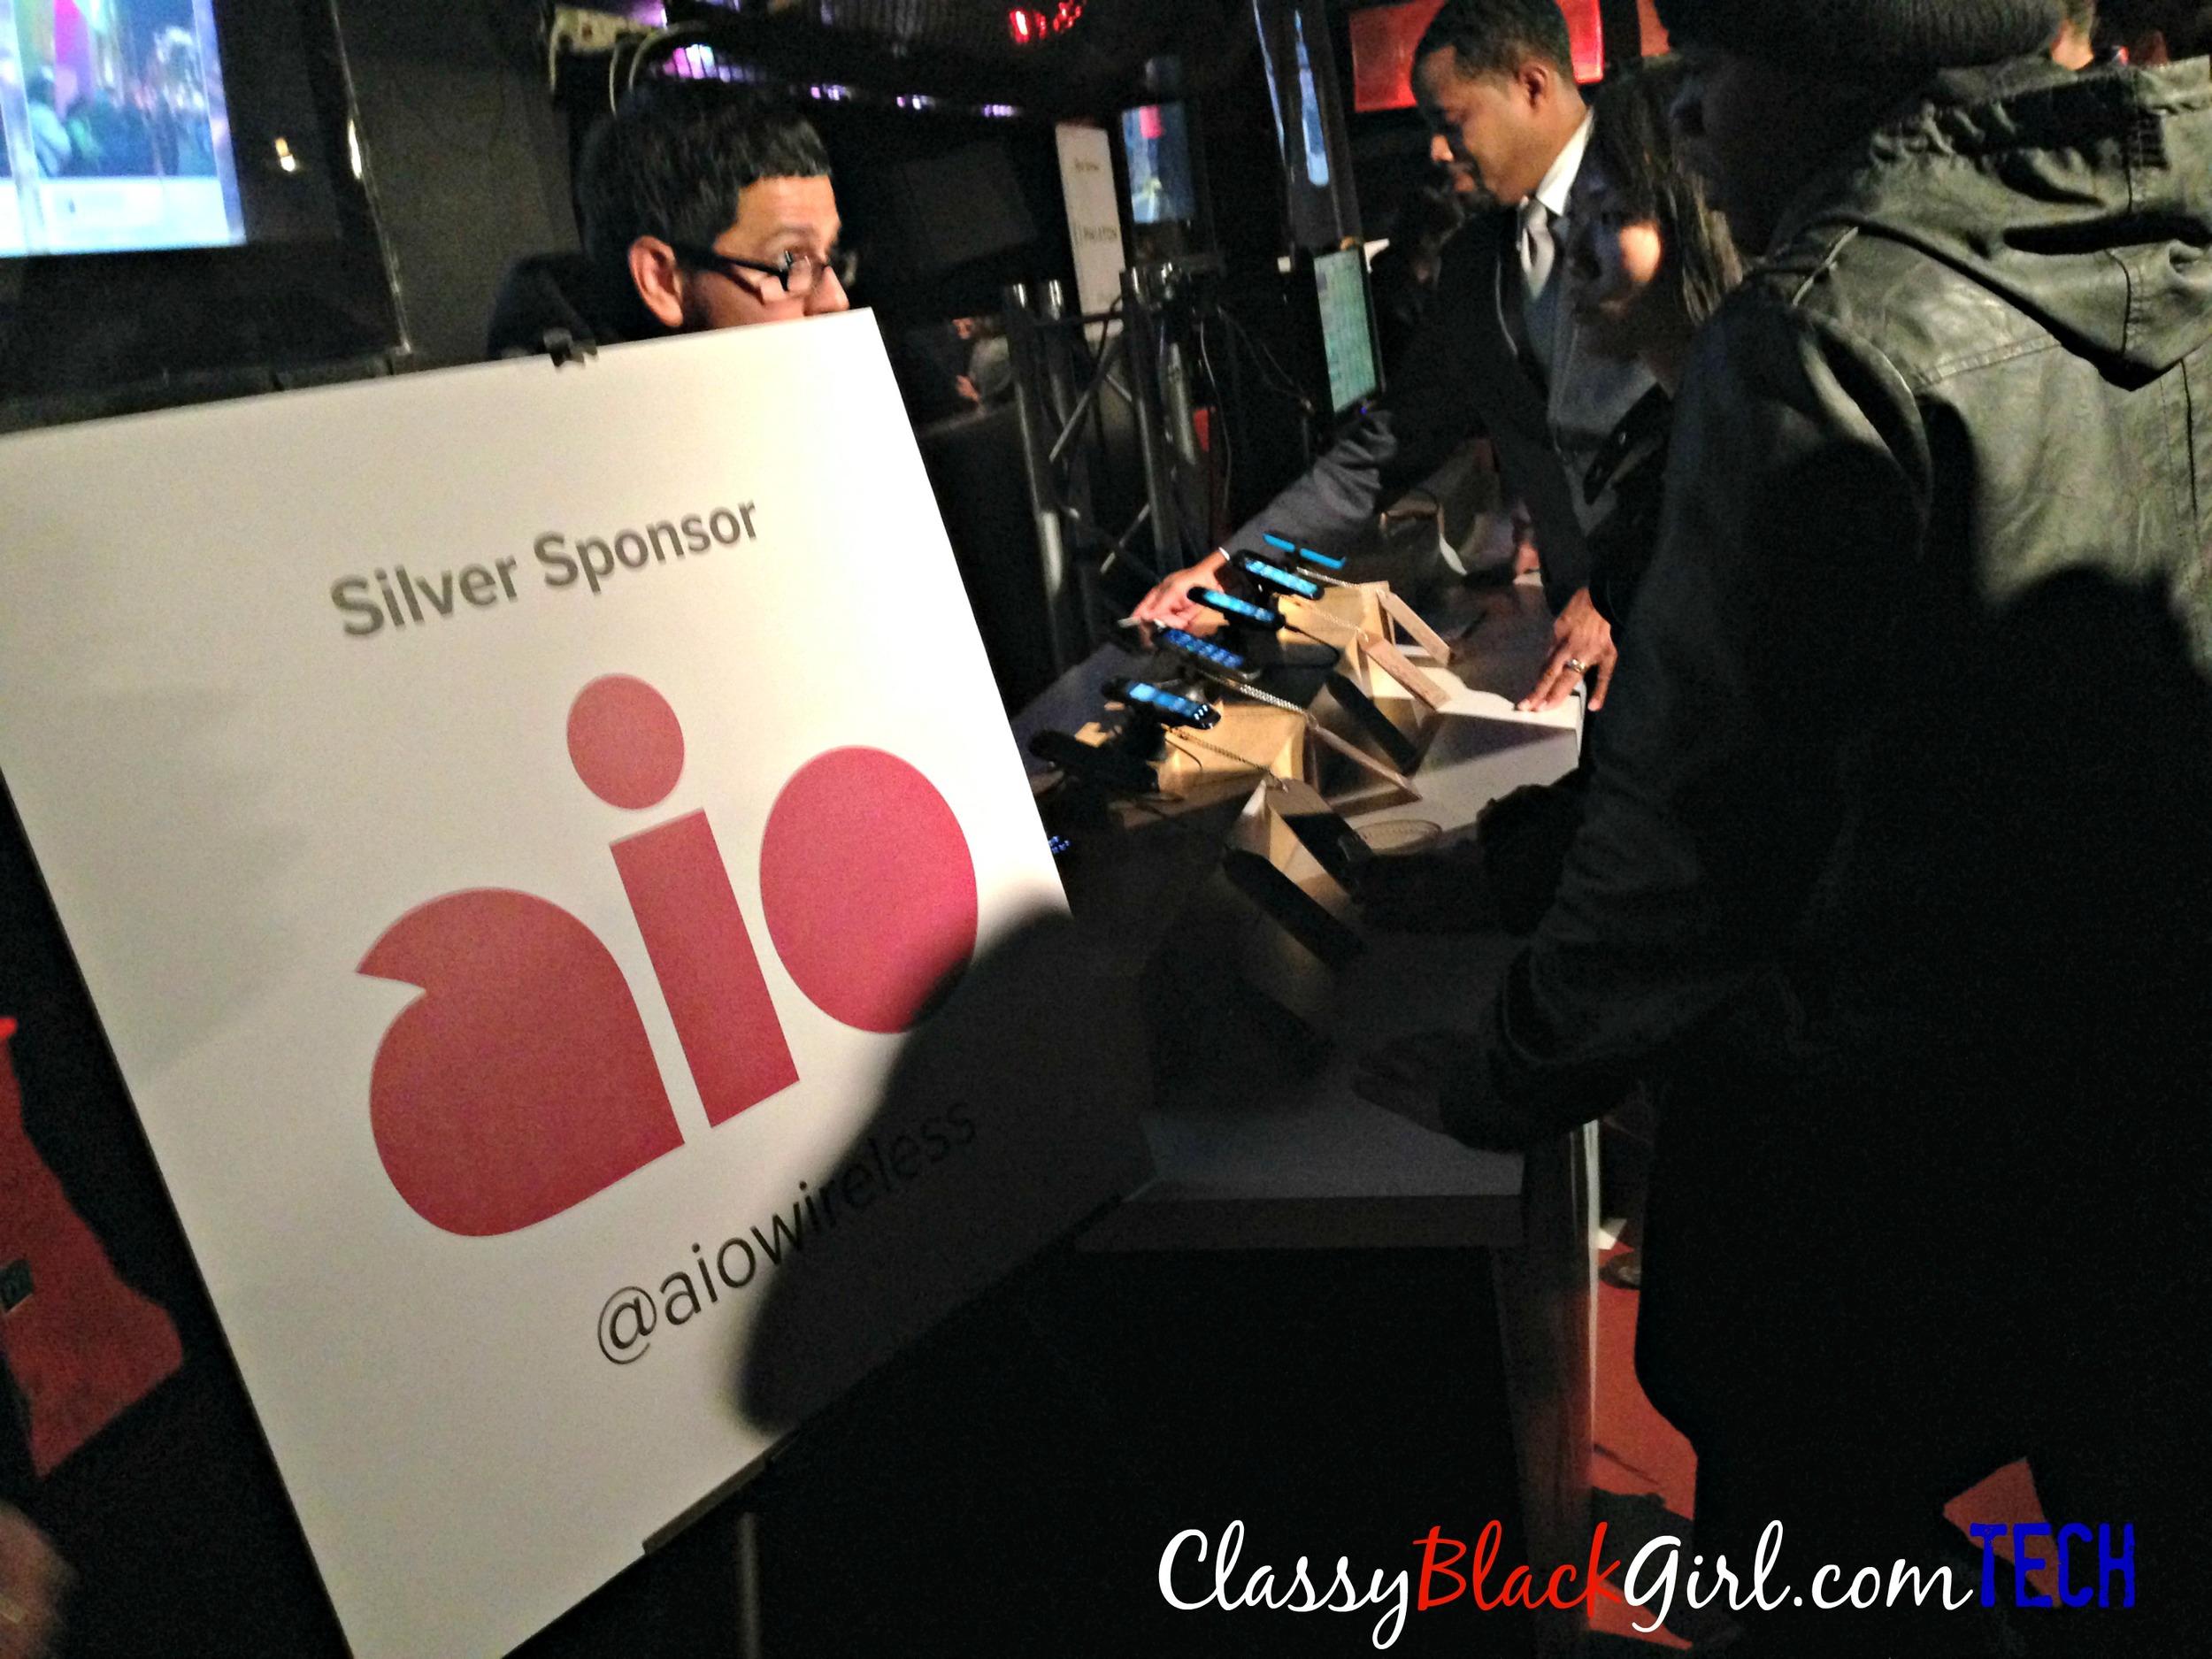 #engdgtSF AIO Wireless ClassyBlackGirl